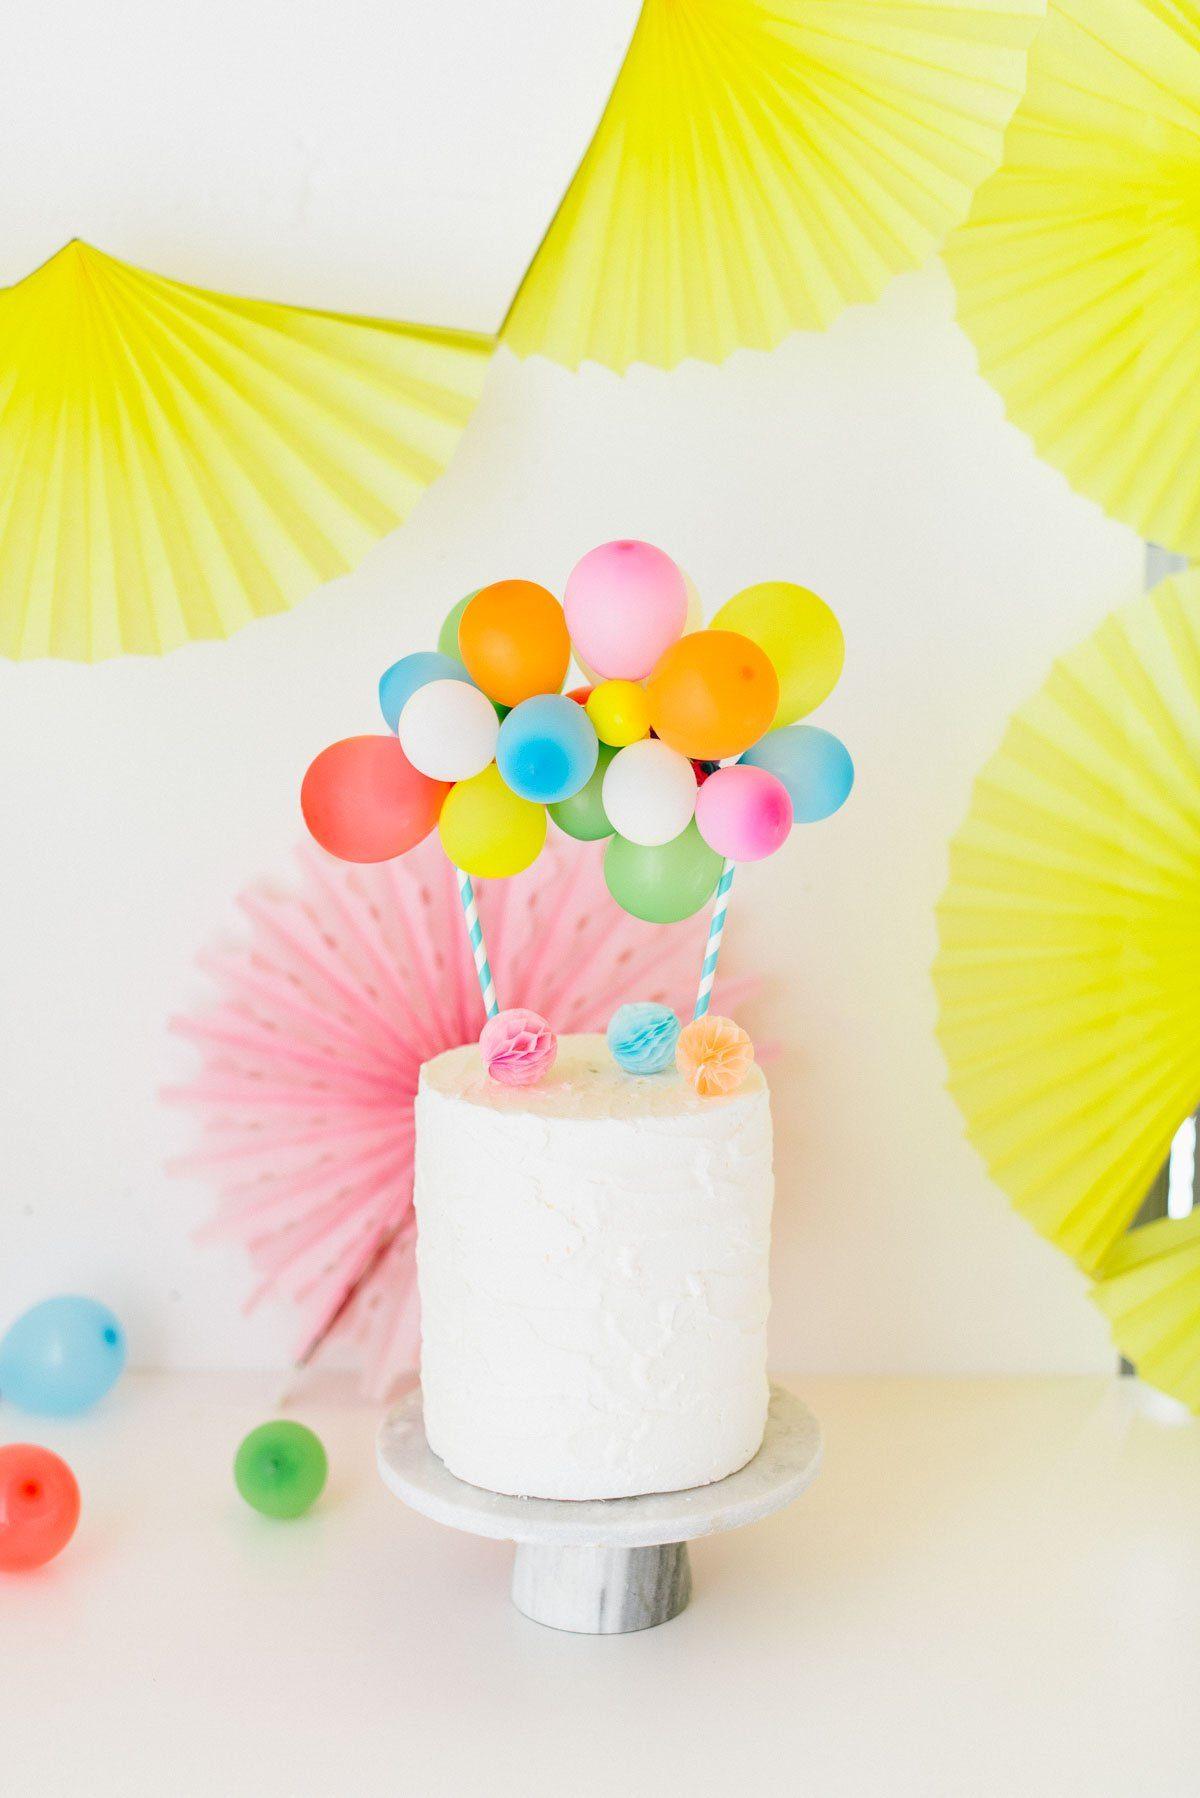 Anleitung für eine Mini Ballongirlande als Kuchenfigur